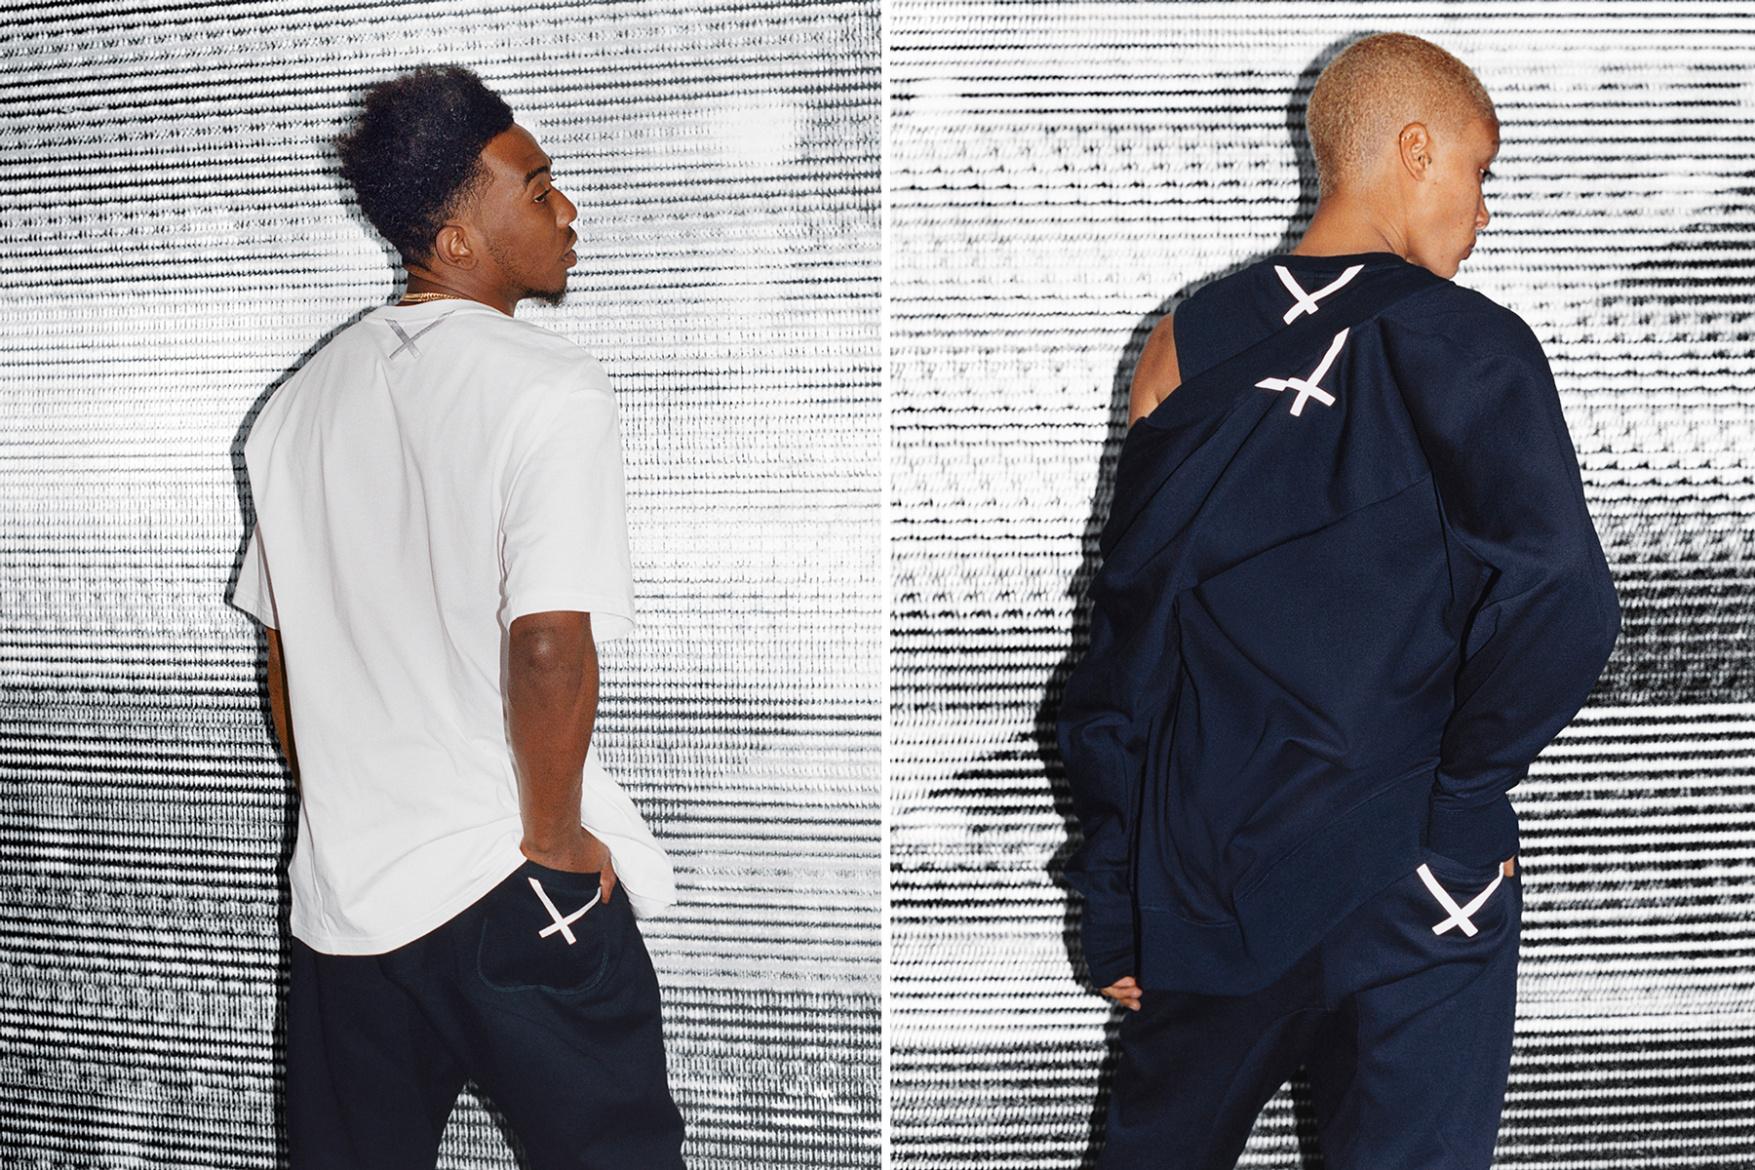 adidas-originals-2017-xbyo-campaign-4